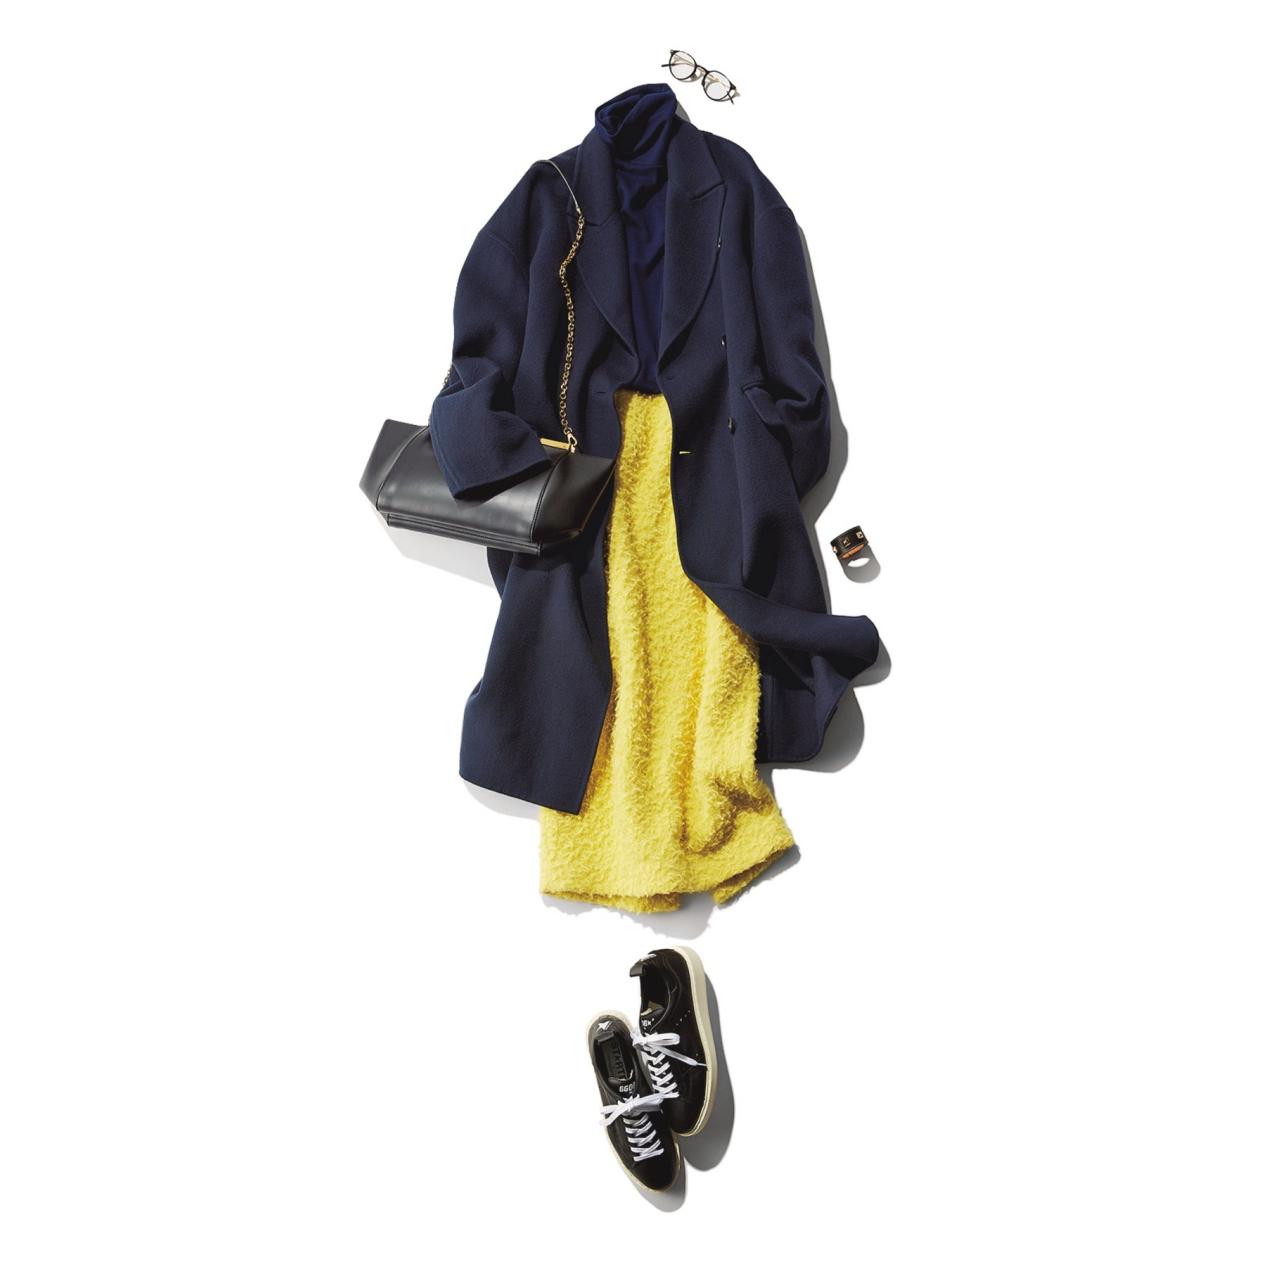 ファッション イエロースカート×黒スニーカーコーデ